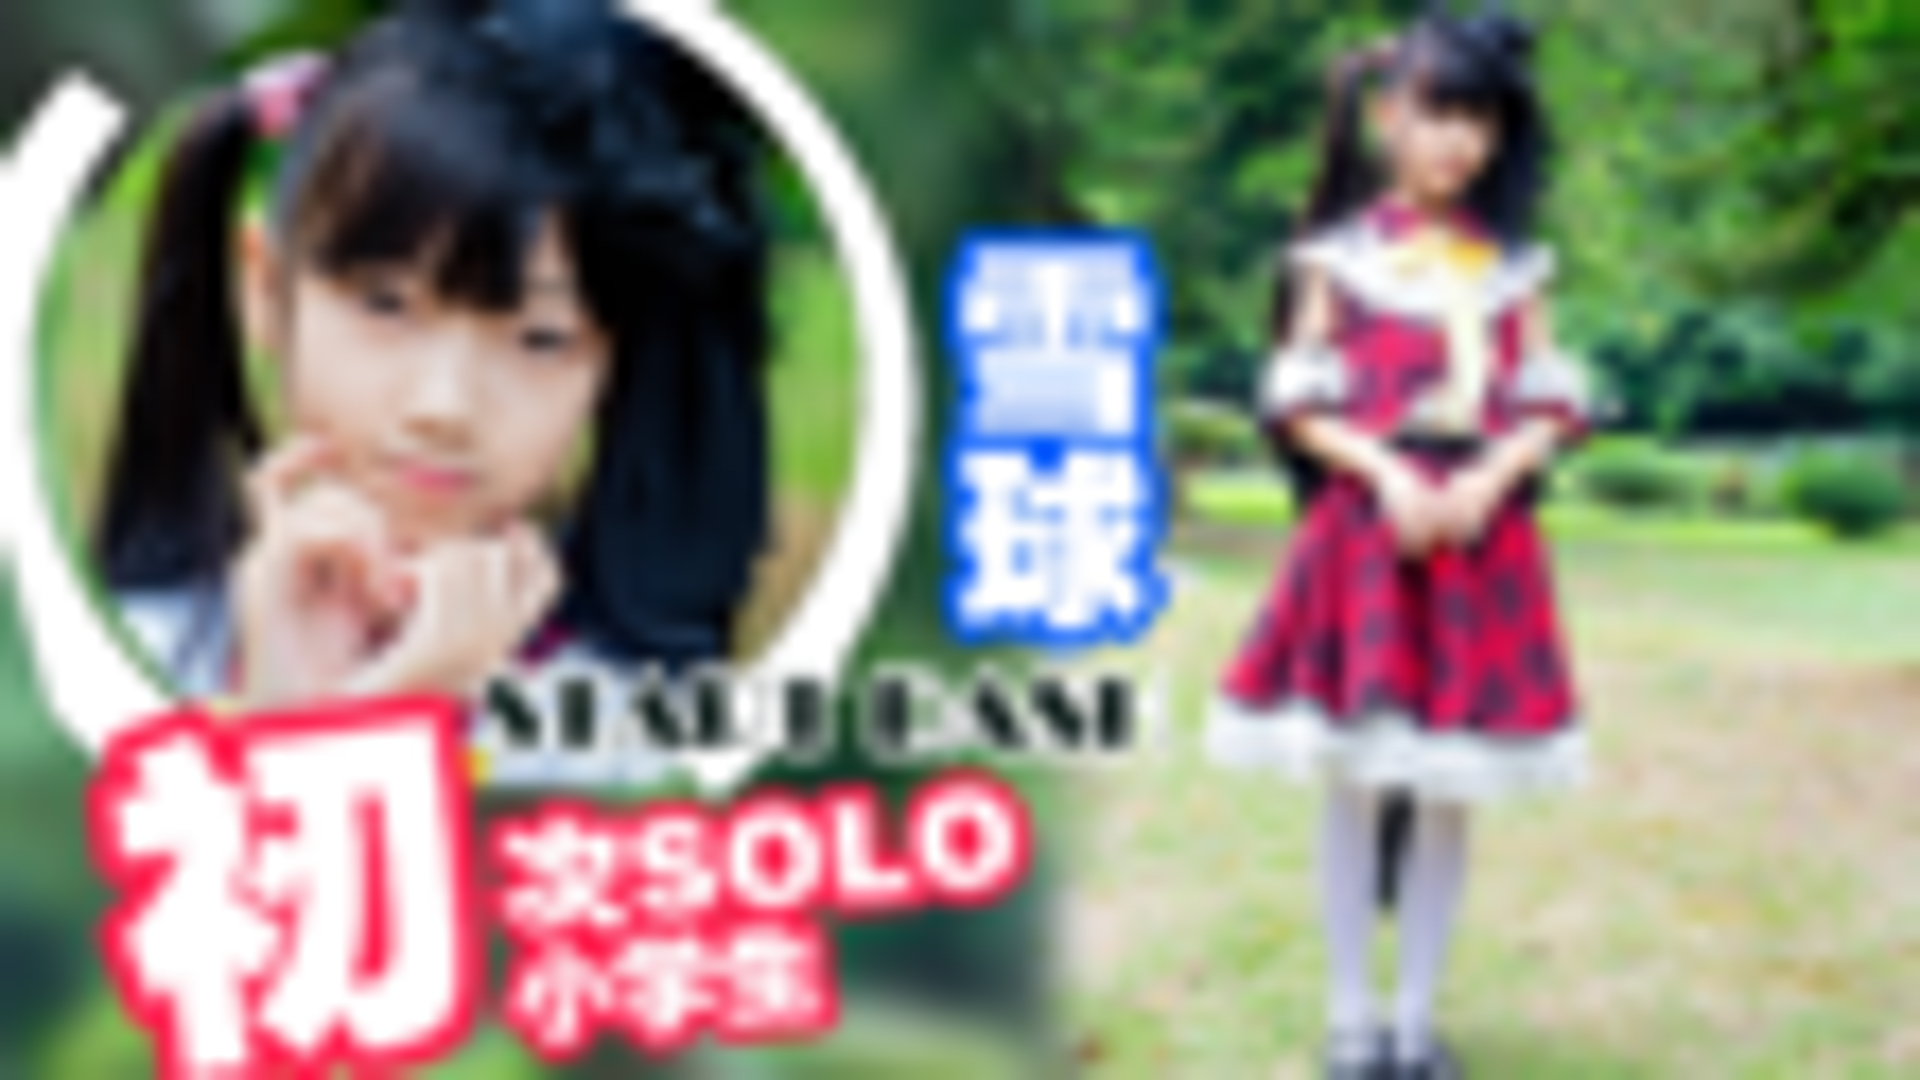 小学生初次个人SOLO【START DASH!!!】飞翔猫S队雪球第一次录舞,请多多指教哦